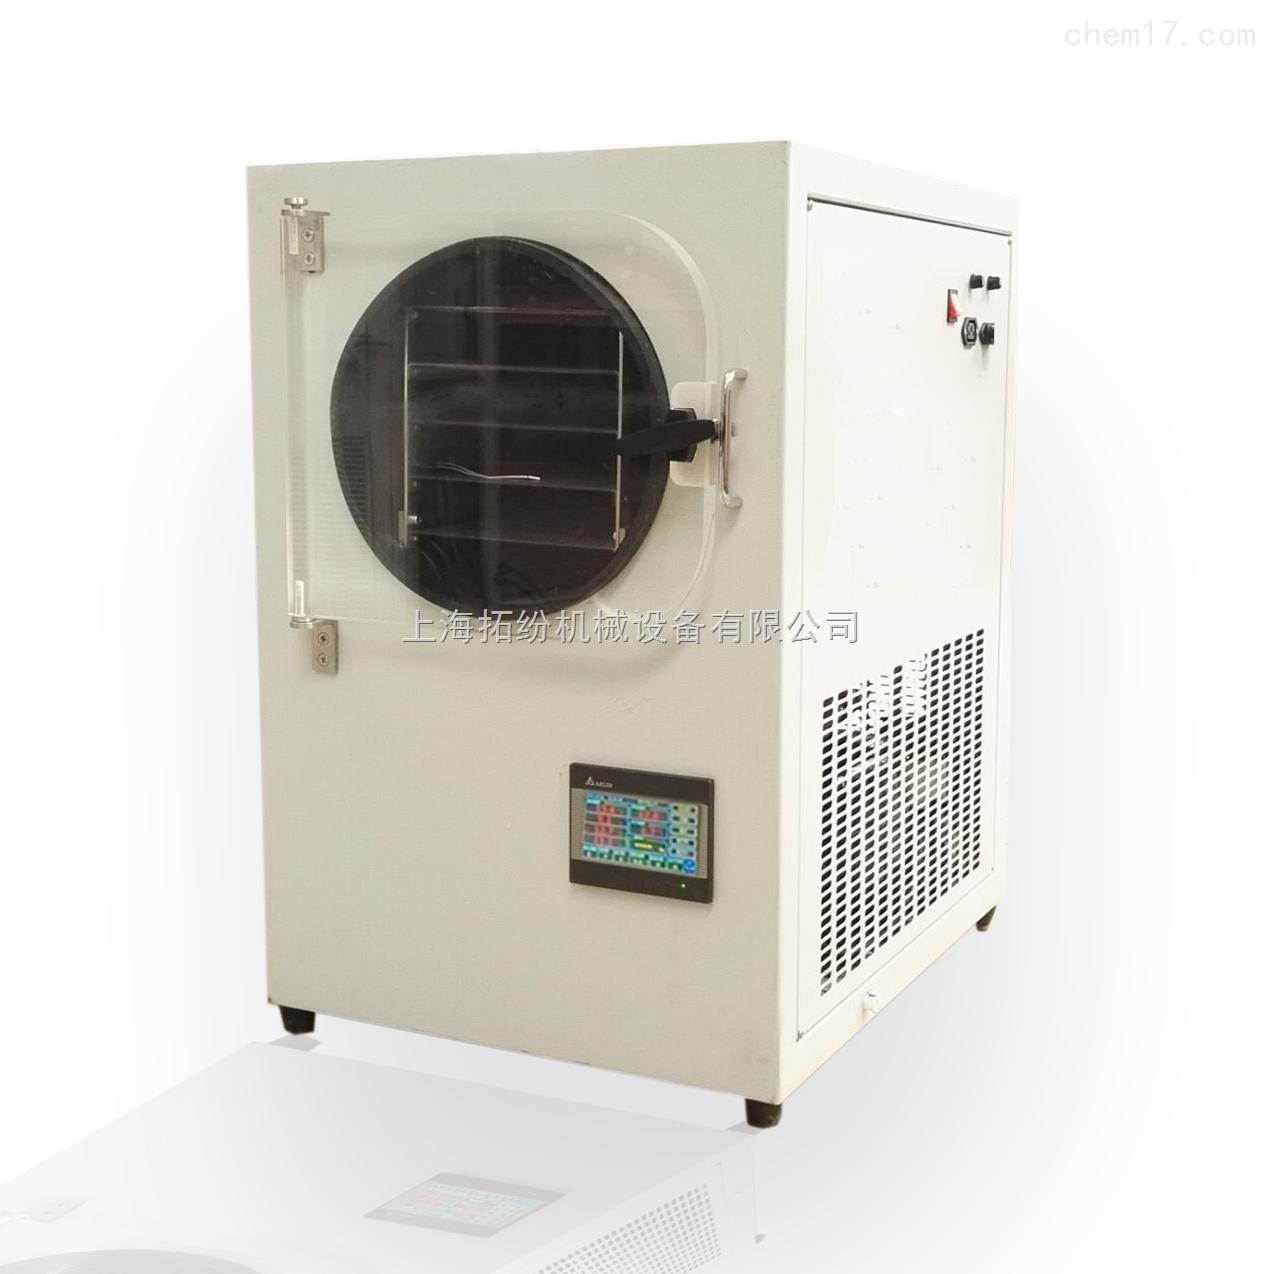 家用冷冻干燥机,小型冻干机,原位冷冻干燥机